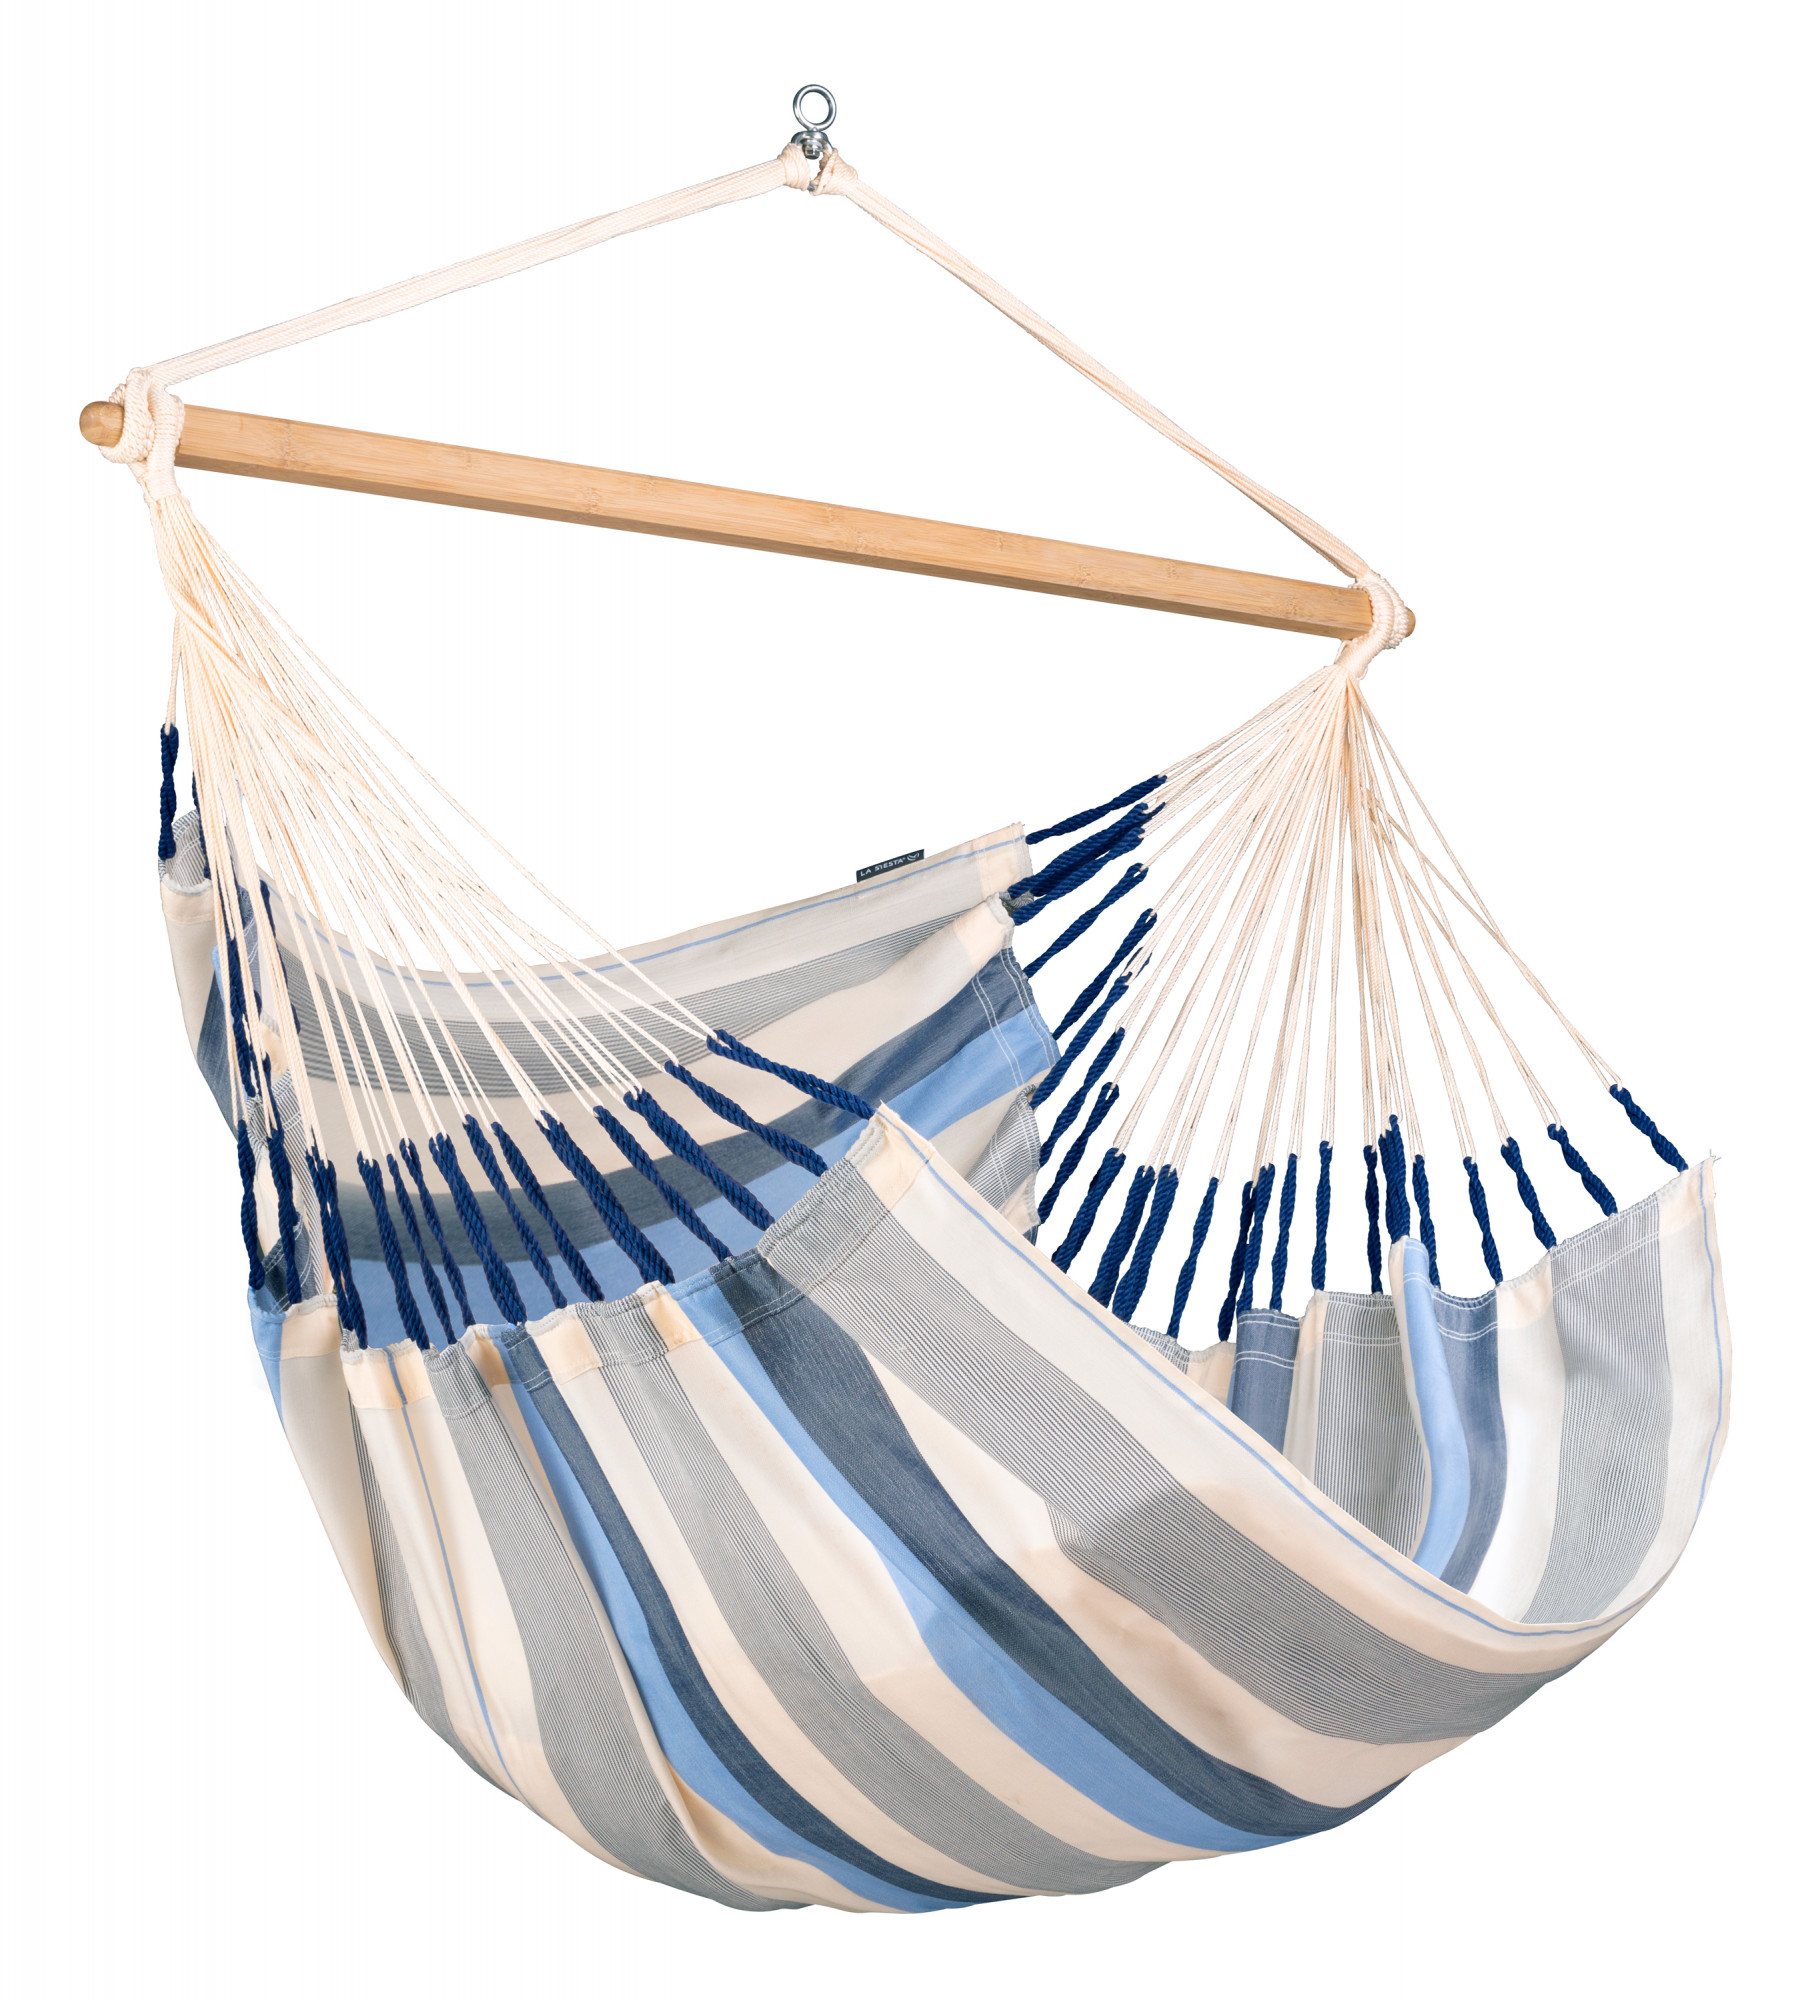 Chaise-hamac kingsize en tissu bleu clair